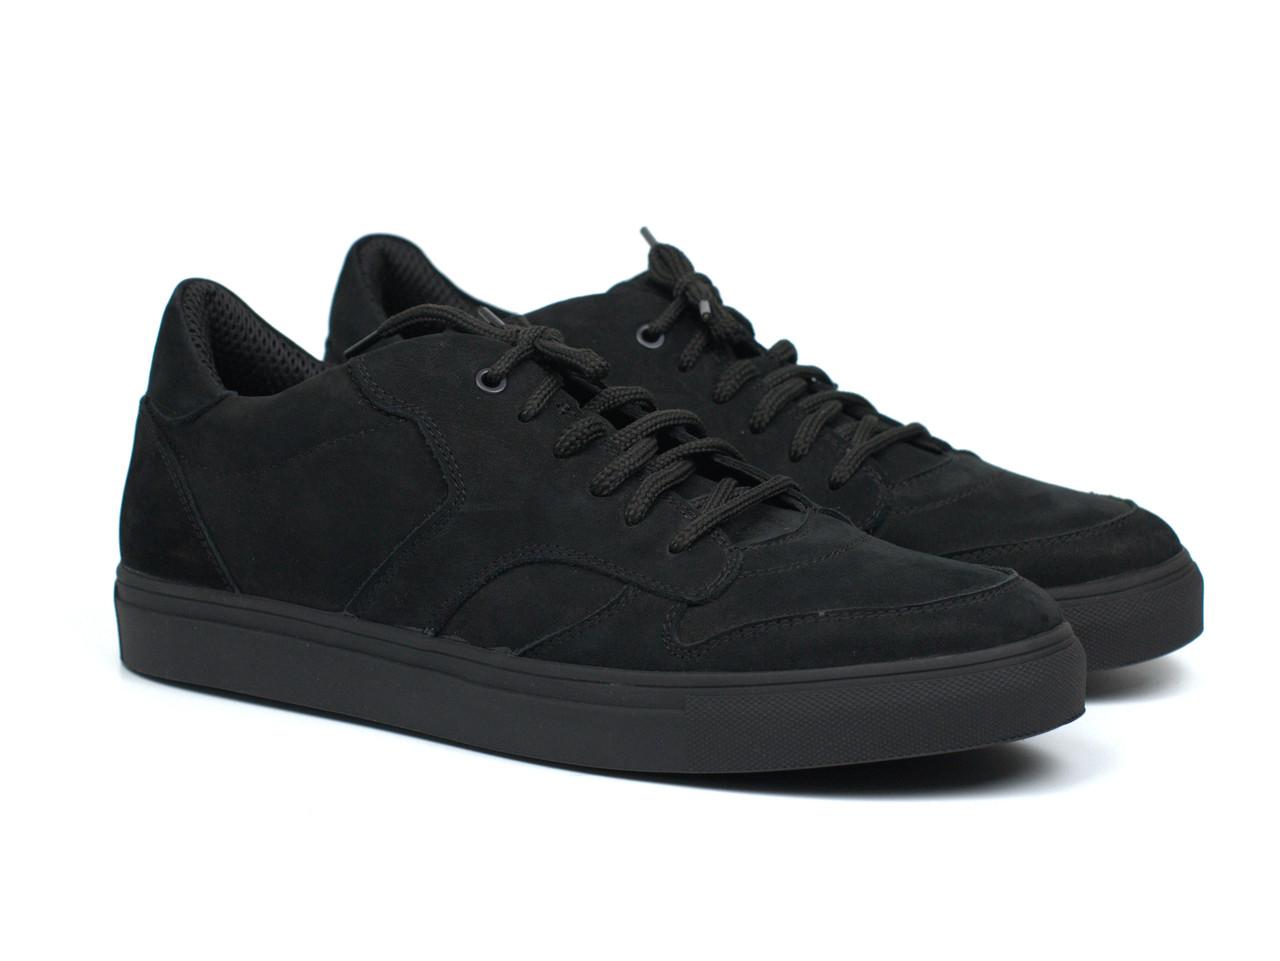 Кроссовки мужские демисезонные черные нубуковые мягкая обувь больших размеров Rosso Avangard ReBaKa NUB TPR BS